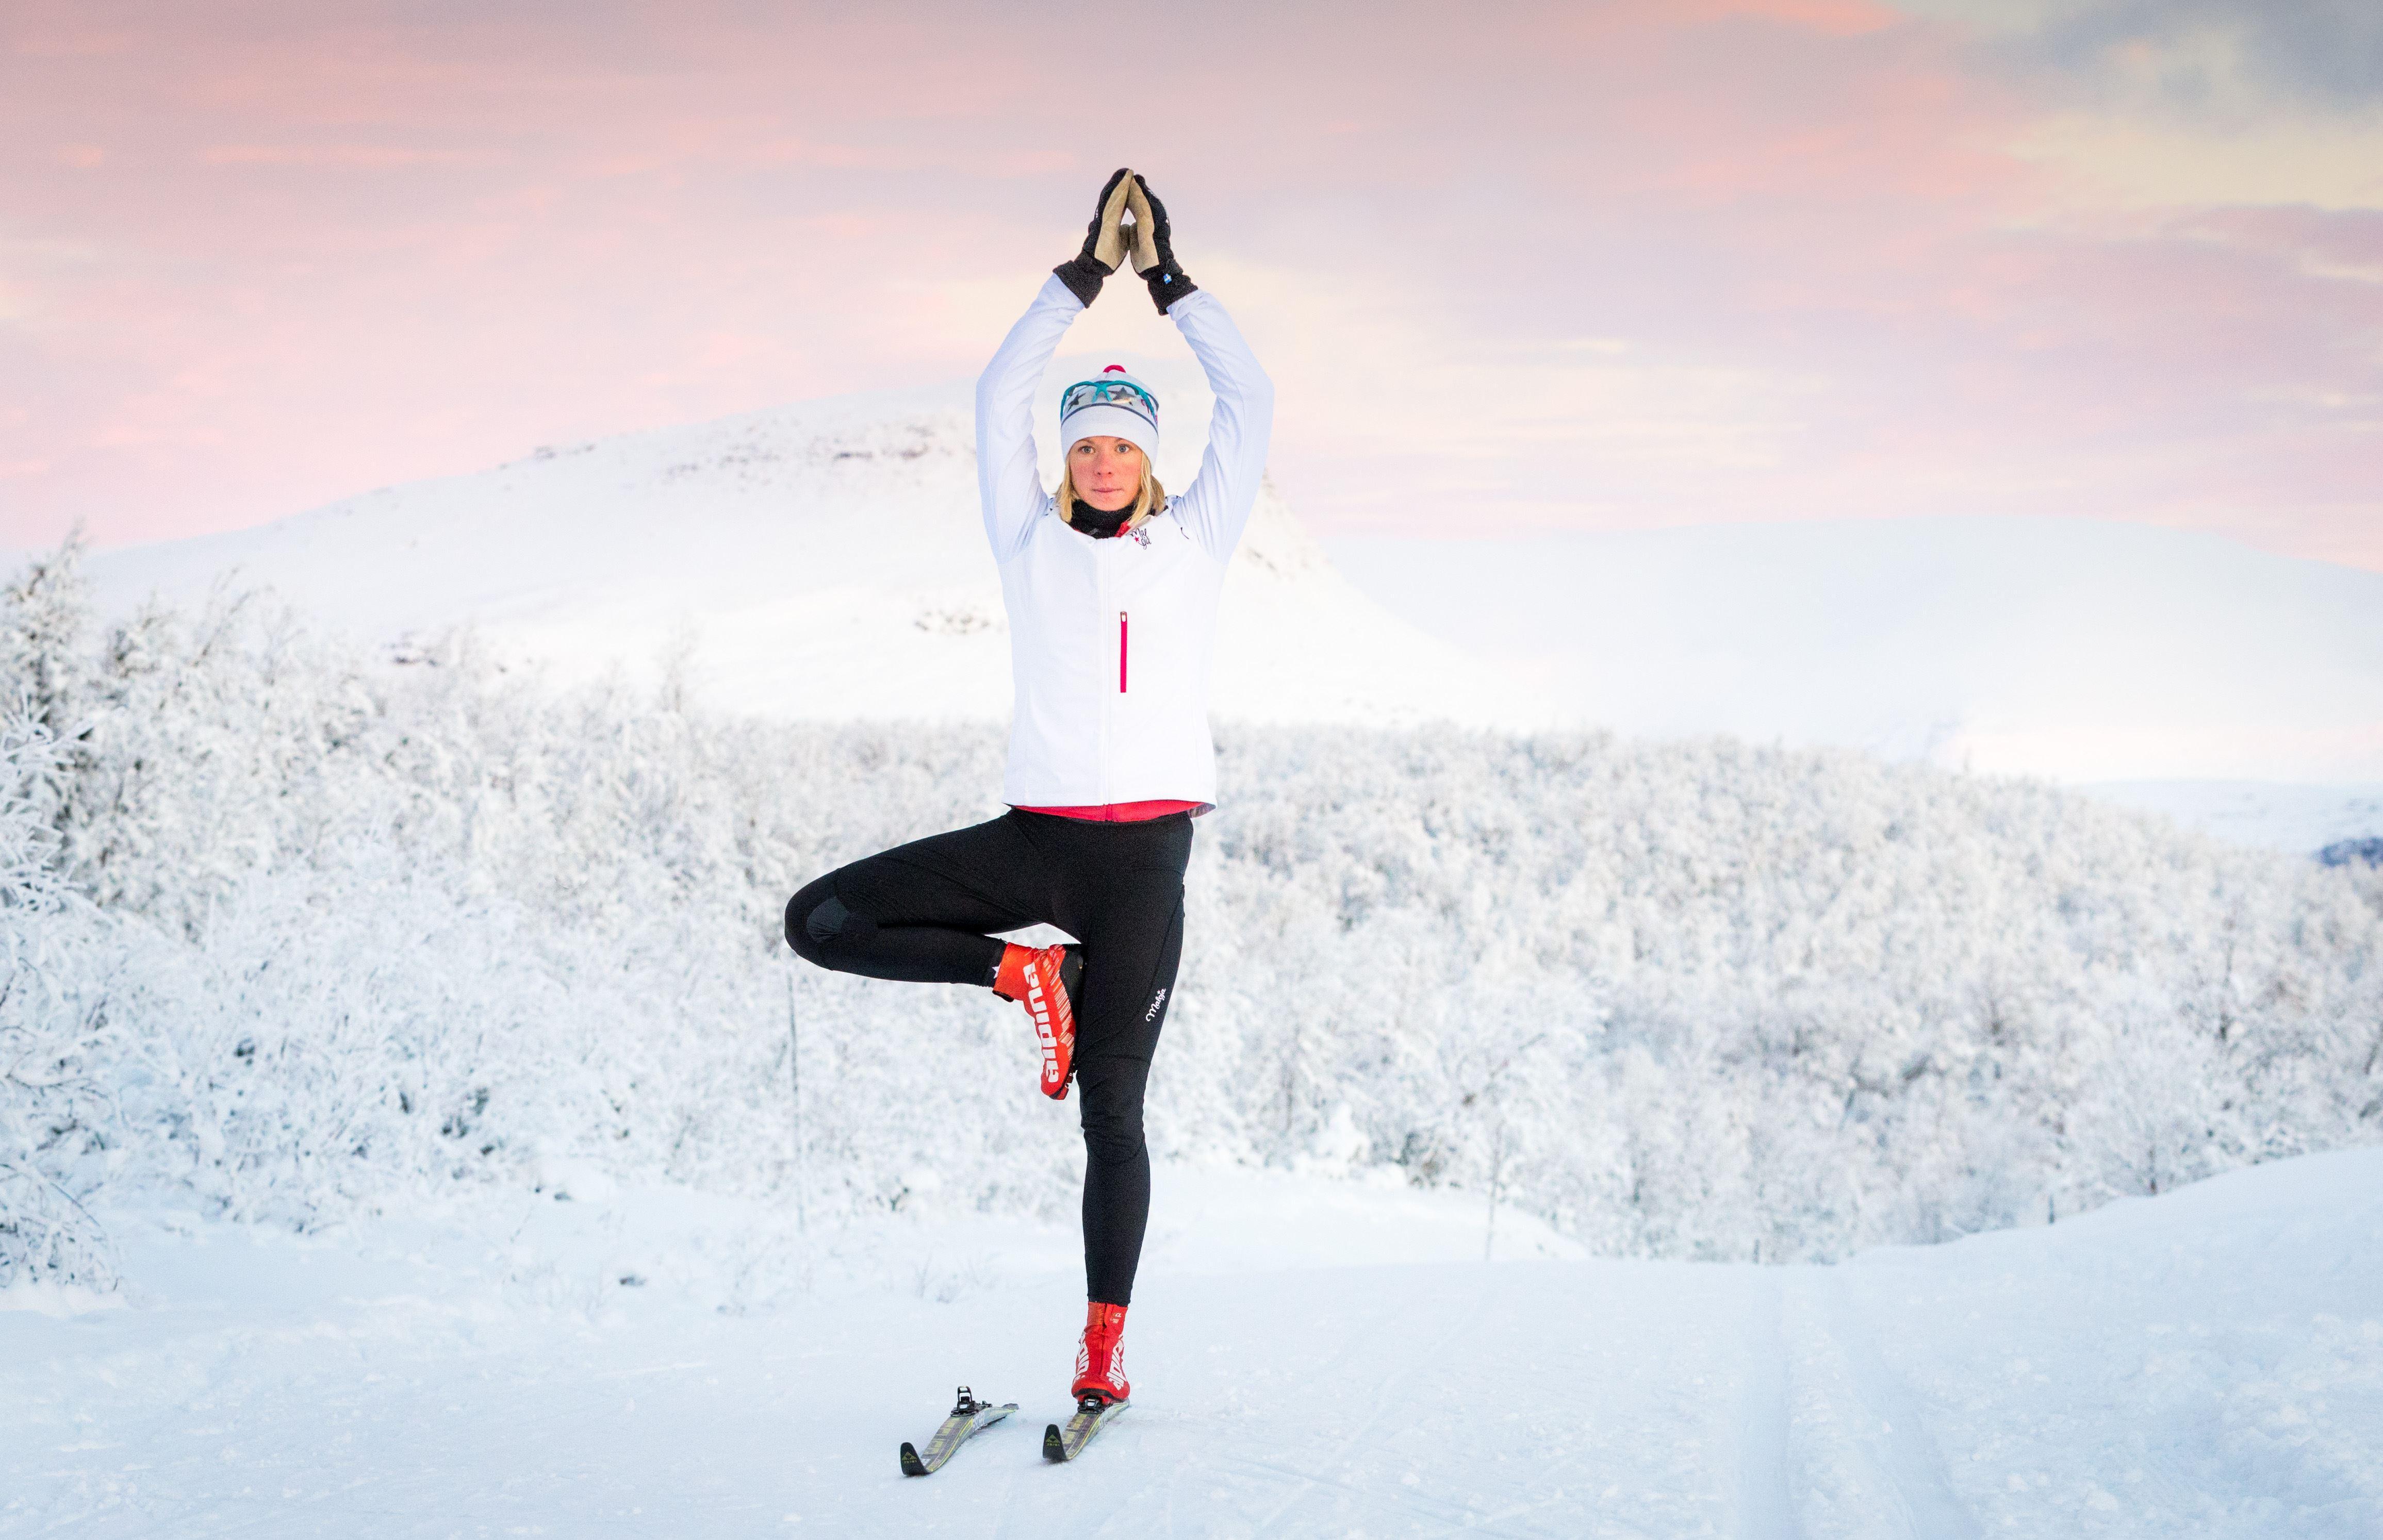 Bruksvallarnas Skid- och Yogaläger 9-12 februari och 20-23 april